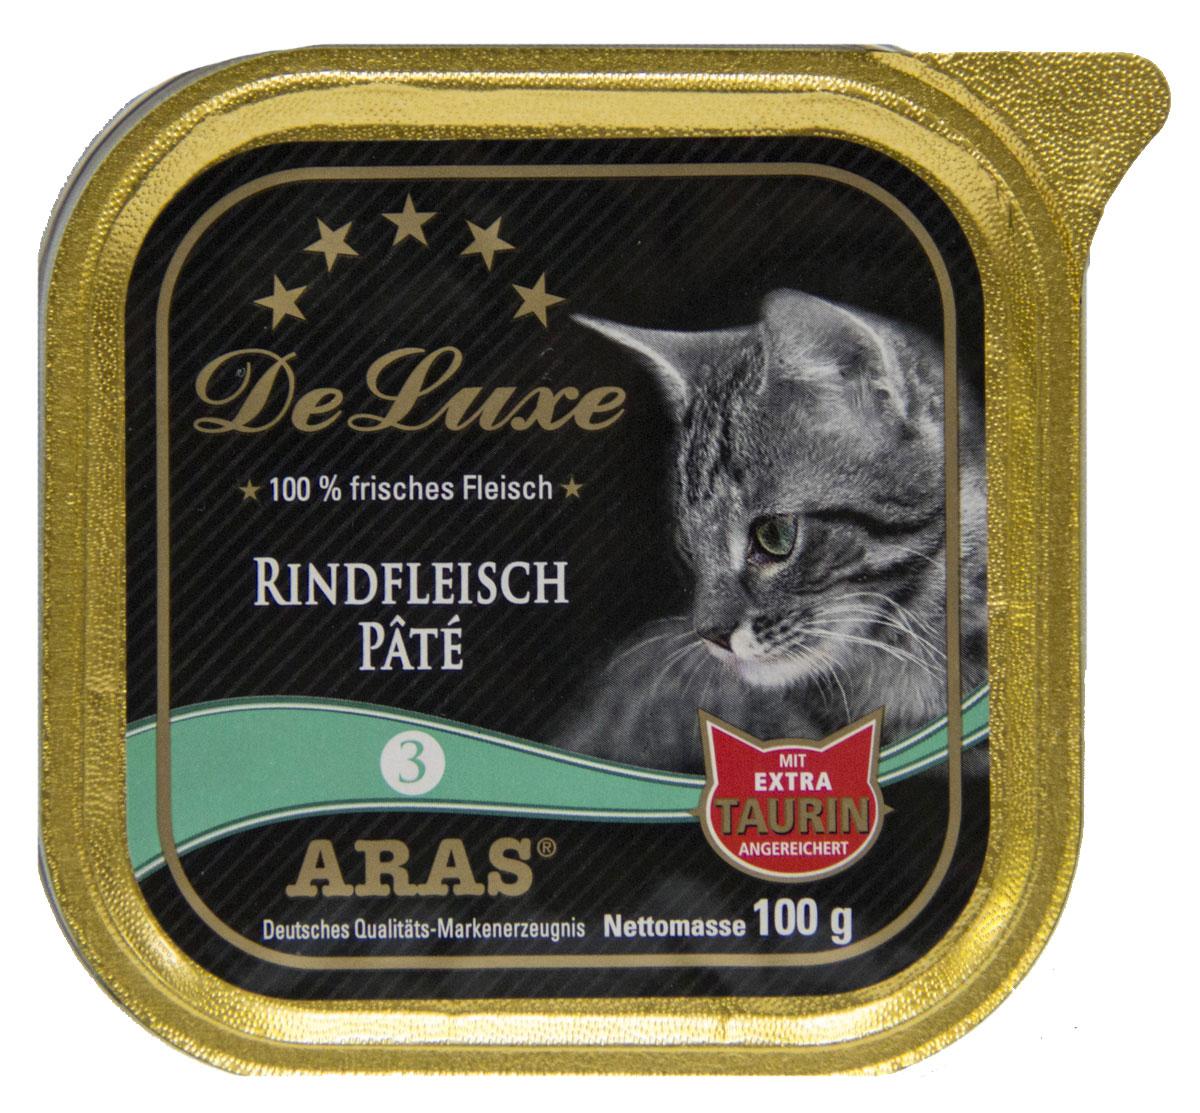 Консервы Aras Premium Delux, для кошек, паштет с говядиной, 100 г503103Изысканные, натуральные, беззерновые, мясные паштеты для кошек. Корм произведен в Германии из продуктов, пригодных в пищу человека по специальной технологии схожей с технологией Sous Vide. Благодаря уникальной технологии, схожей с технологий Souse Vide, при изготовлении сохраняются все натуральные витамины и минералы. Это достигается благодаря бережной обработке всех ингредиентов при температуре менее 80 градусов. Такая бережная обработка продуктов не стерилизует продуктовые компоненты. Благодаря этому корма не нуждаются ни в каких дополнительных вкусовых добавках и сохраняют все необходимые полезные вещества. При производстве кормов используются исключительно свежие натуральные продукты: мясо, овощи и зерновые; Приготовлено из 100% свежего мяса, пригодного в пищу человеку; Содержит натуральные витамины, аминокислоты, минеральные вещества и микроэлементы; С экстрактом масла зародышей зерна пшеницы холодного отжима (Bio-Dura); Без химических красителей,...